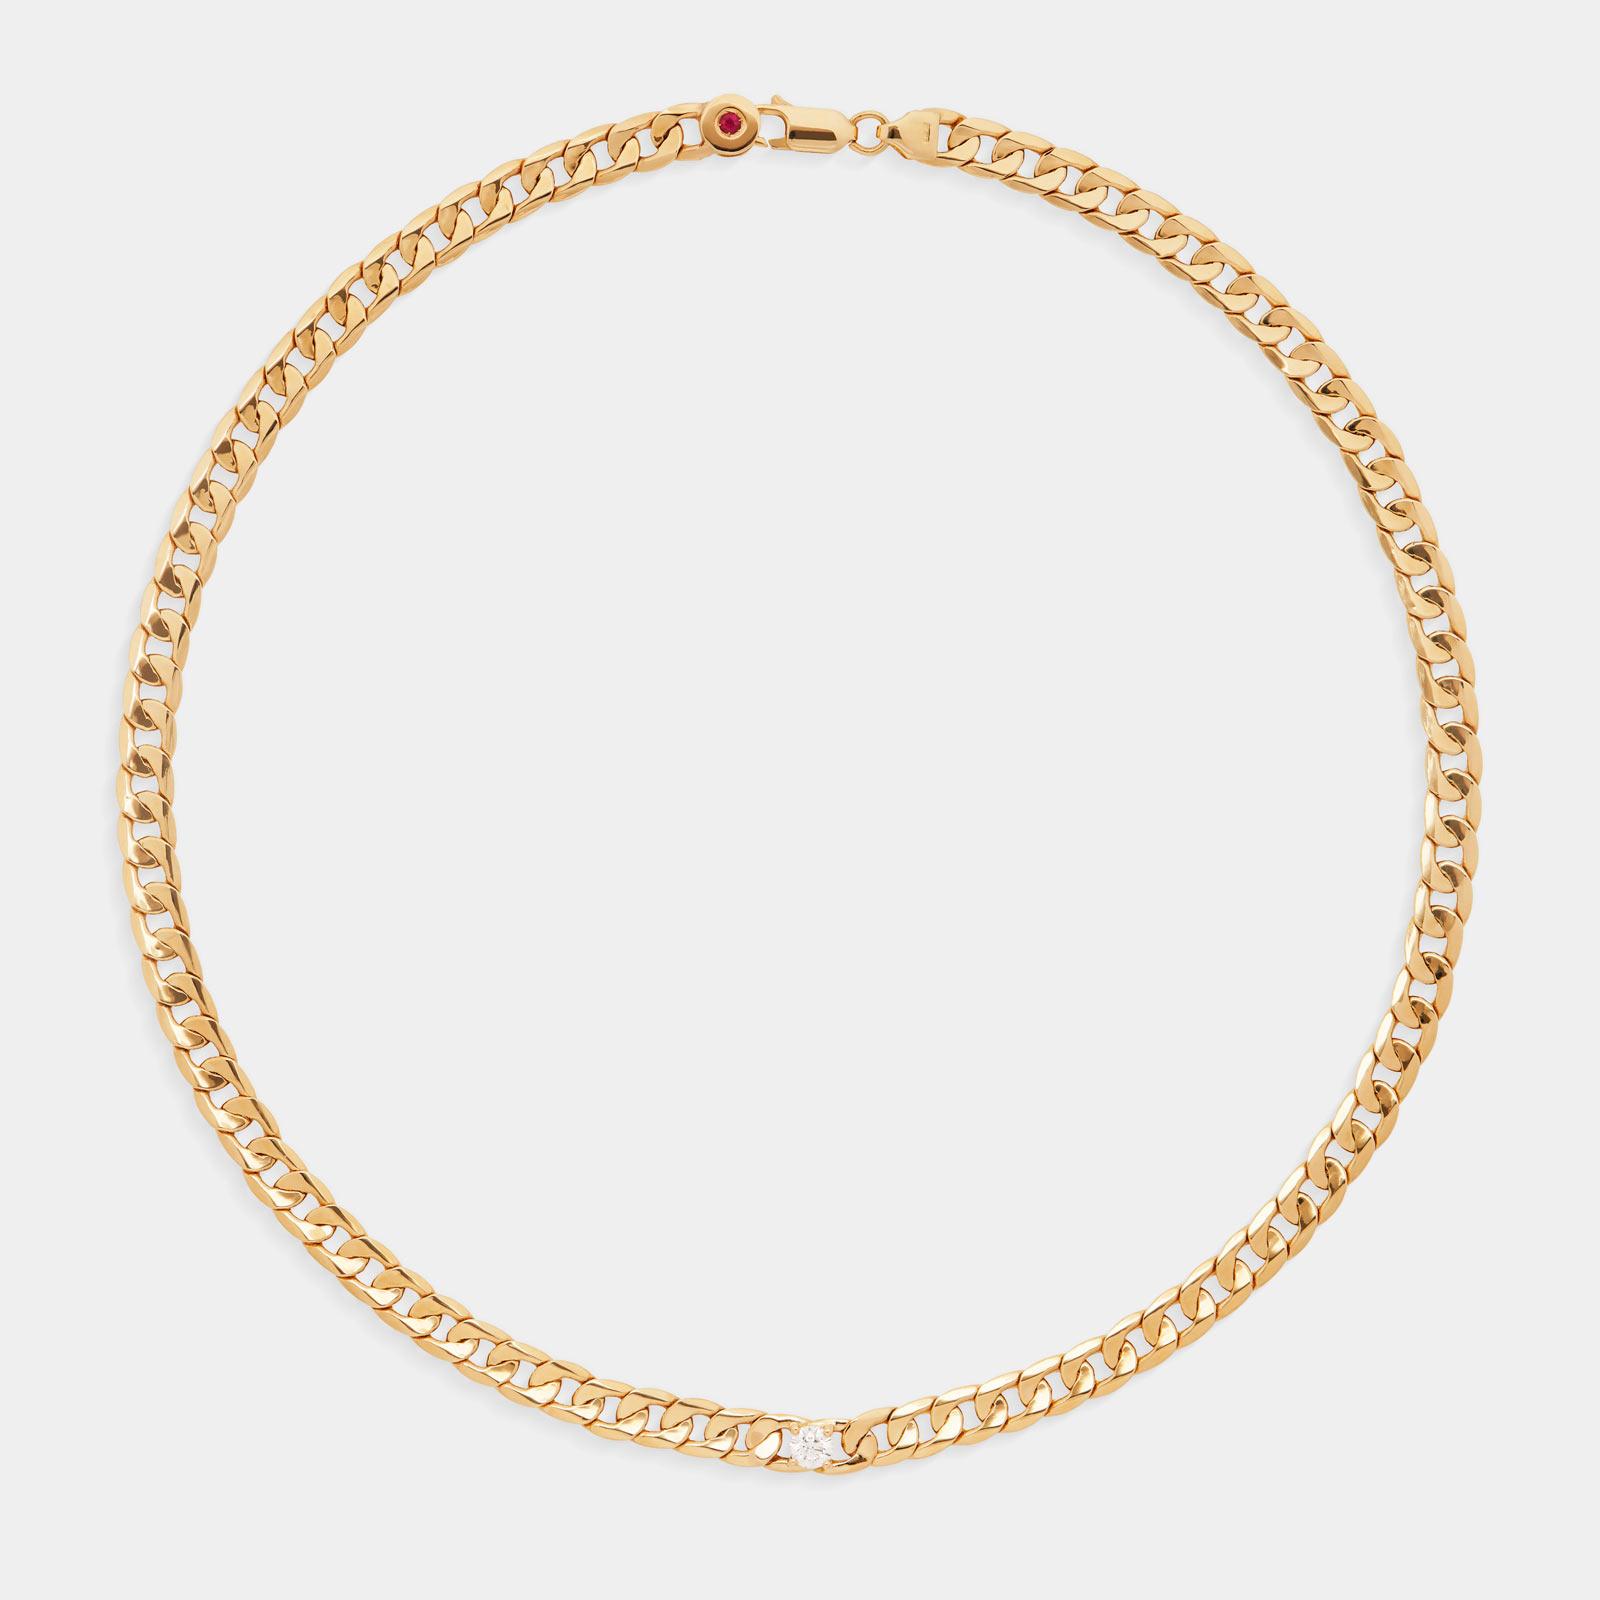 Rosanna Cattolico - Girocollo groumette in oro giallo, diamante e rubino